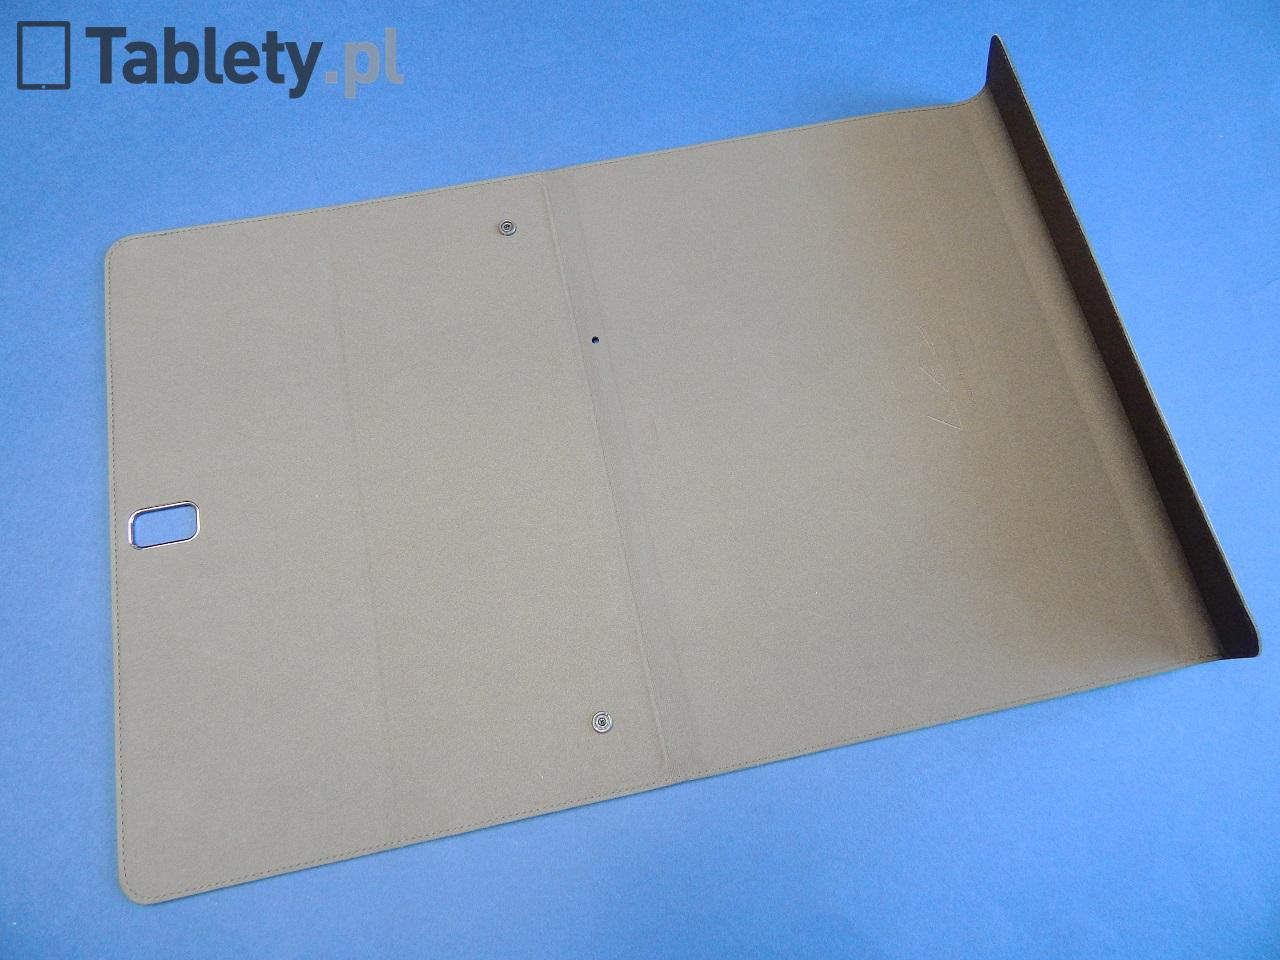 Samsung Galaxy Tab S 10.5 14